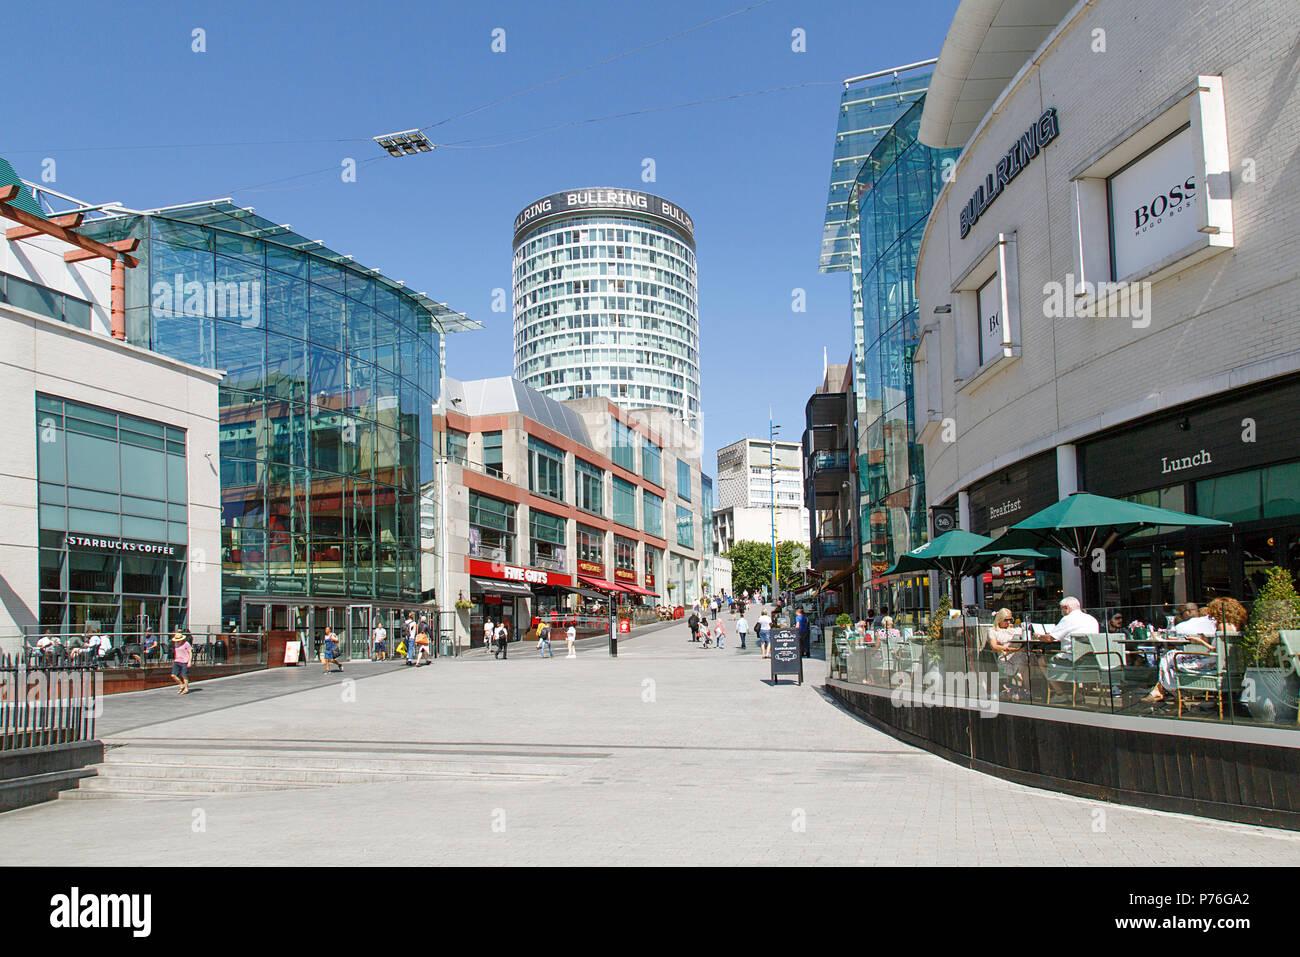 Birmingham, Vereinigtes Königreich: 29. Juni 2018: Der Bullring Shopping Centre - Birmingham. Menschen Einkaufen in der Fußgängerzone in der Nähe der Grand Central Station. Stockbild